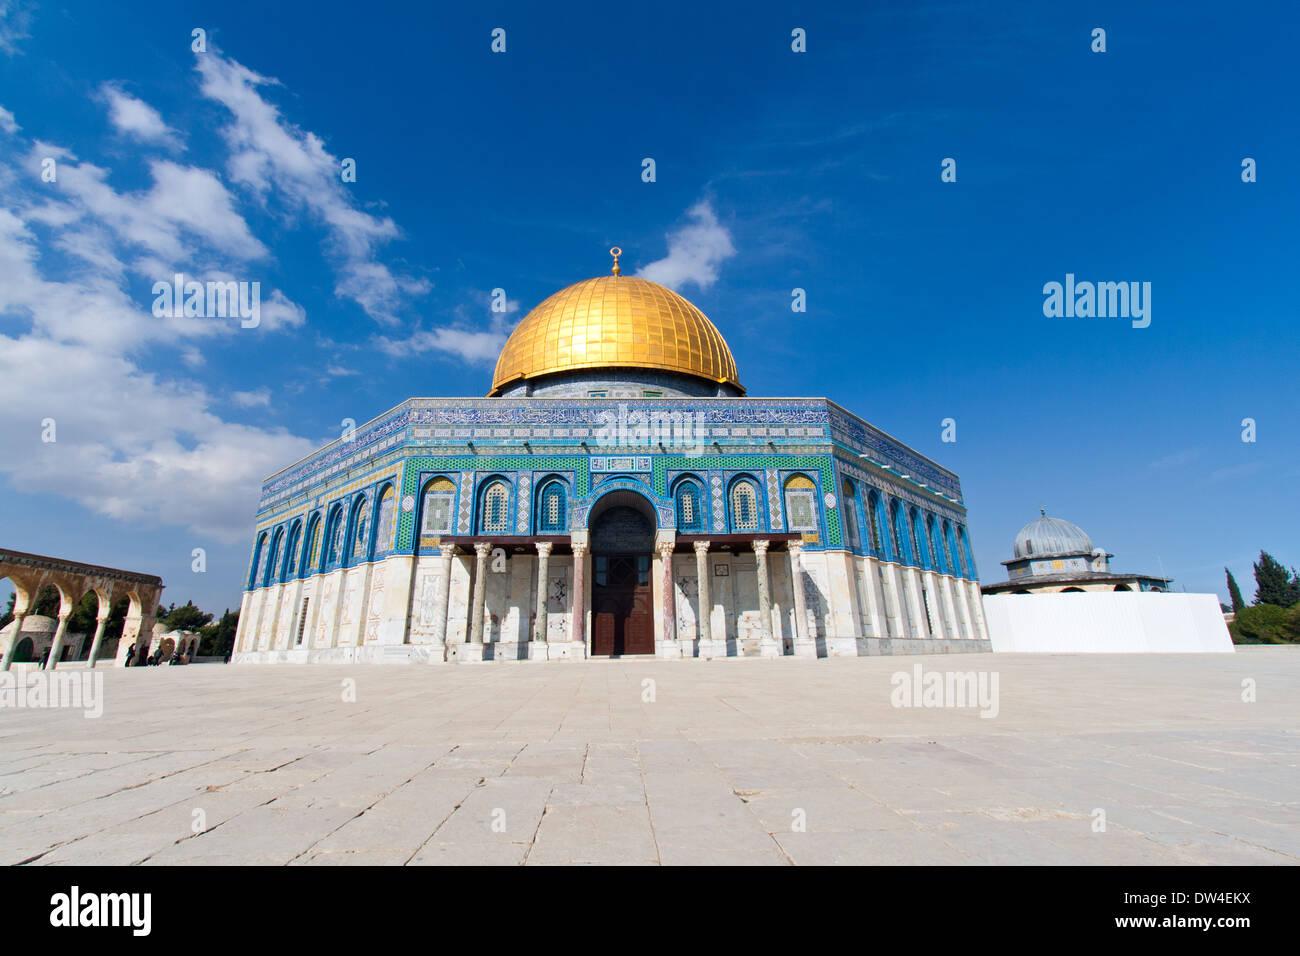 La Cupola della roccia del Monte del Tempio, Gerusalemme, Israele Immagini Stock